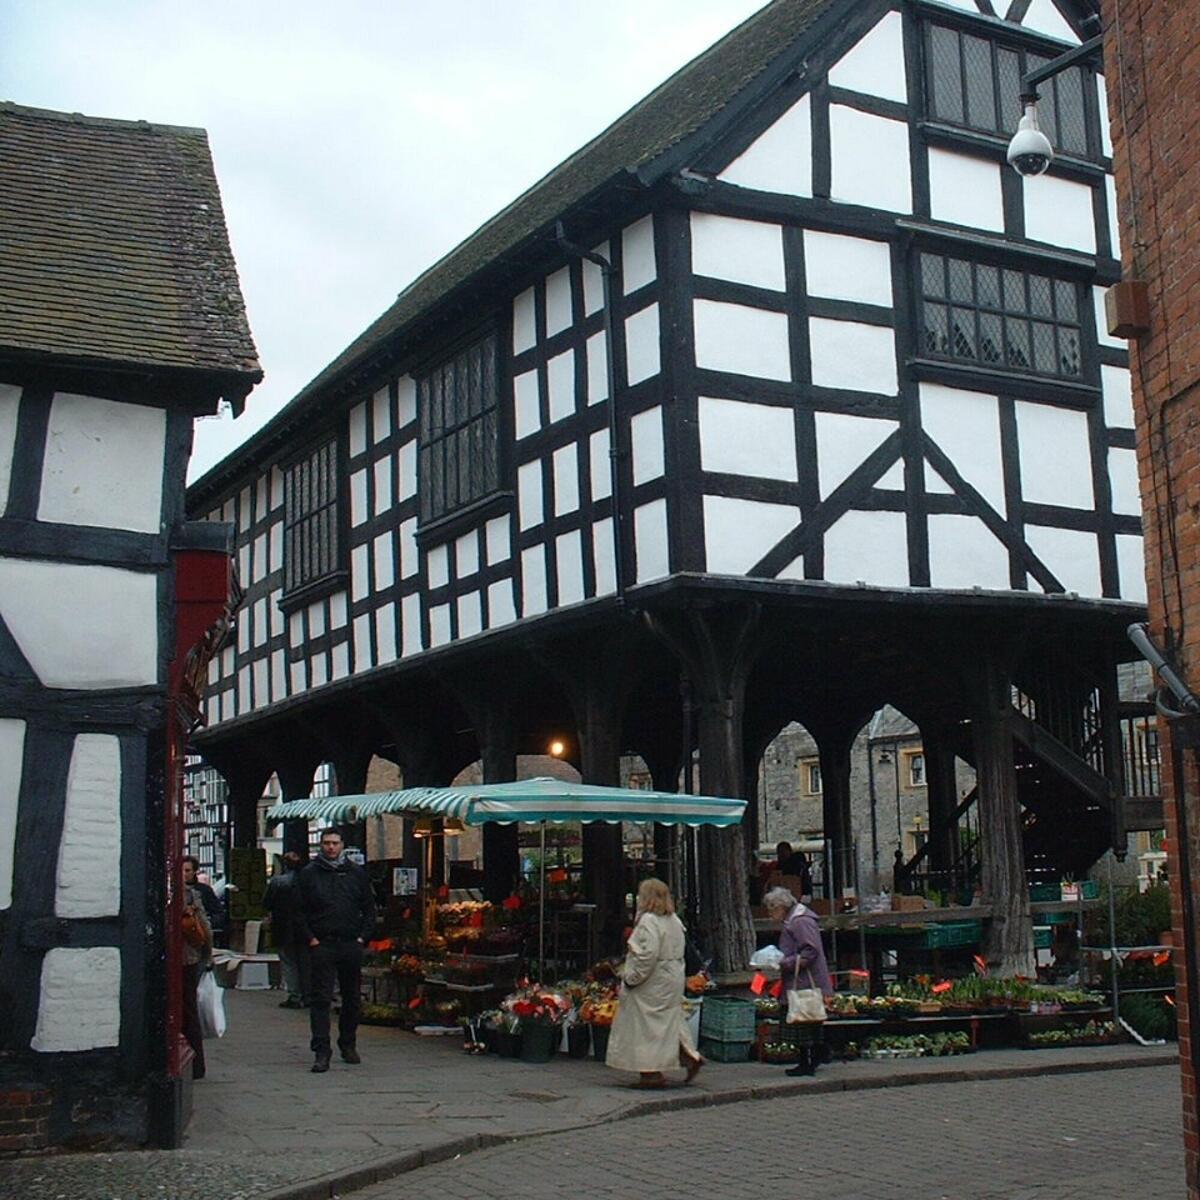 Market Day in Ledbury